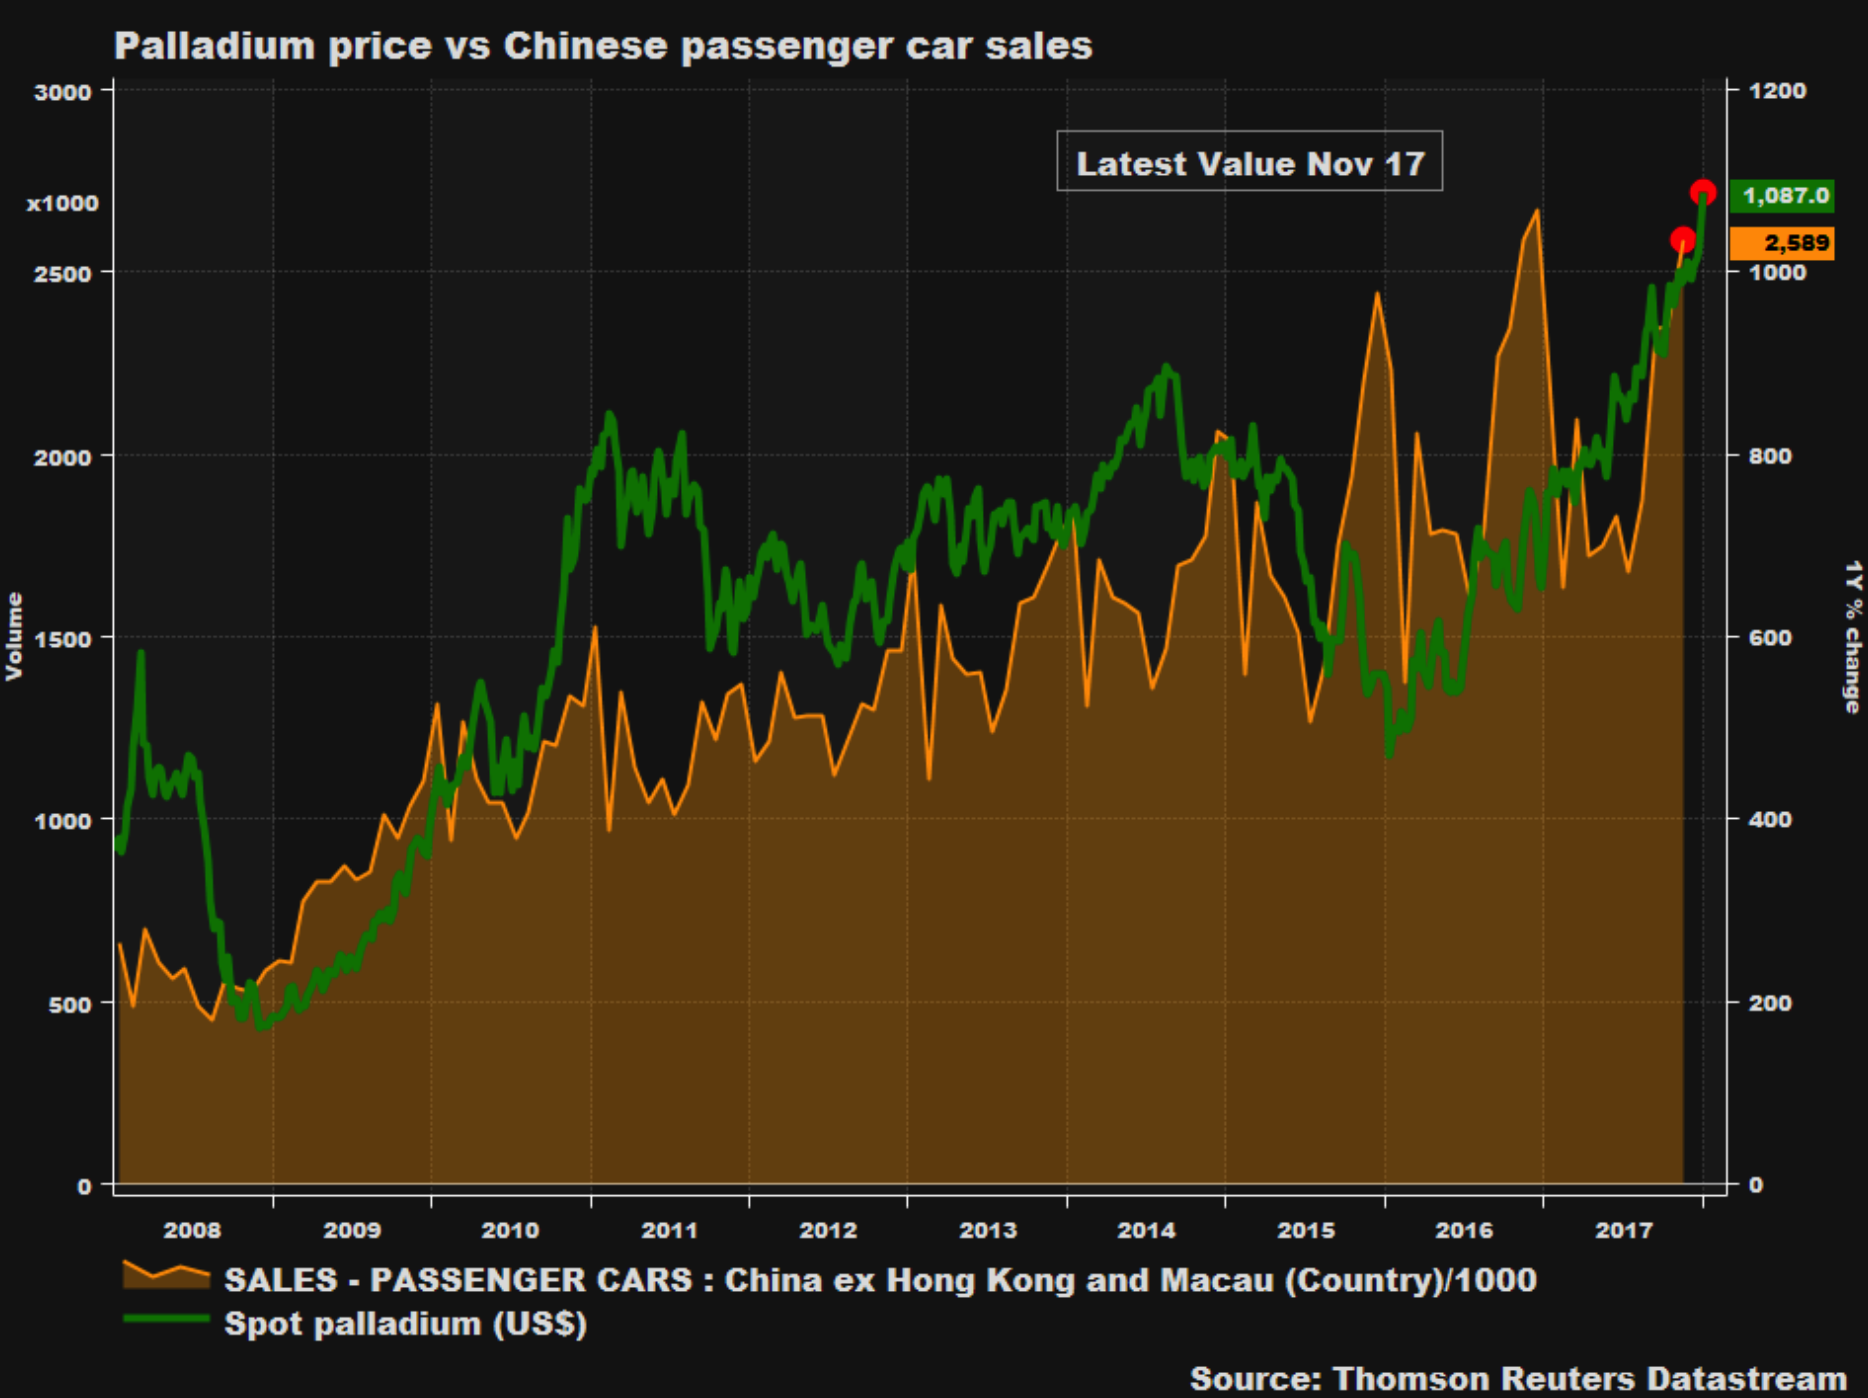 Palladium Price and Chinese Passenger Car Sales, 2008 - 2018